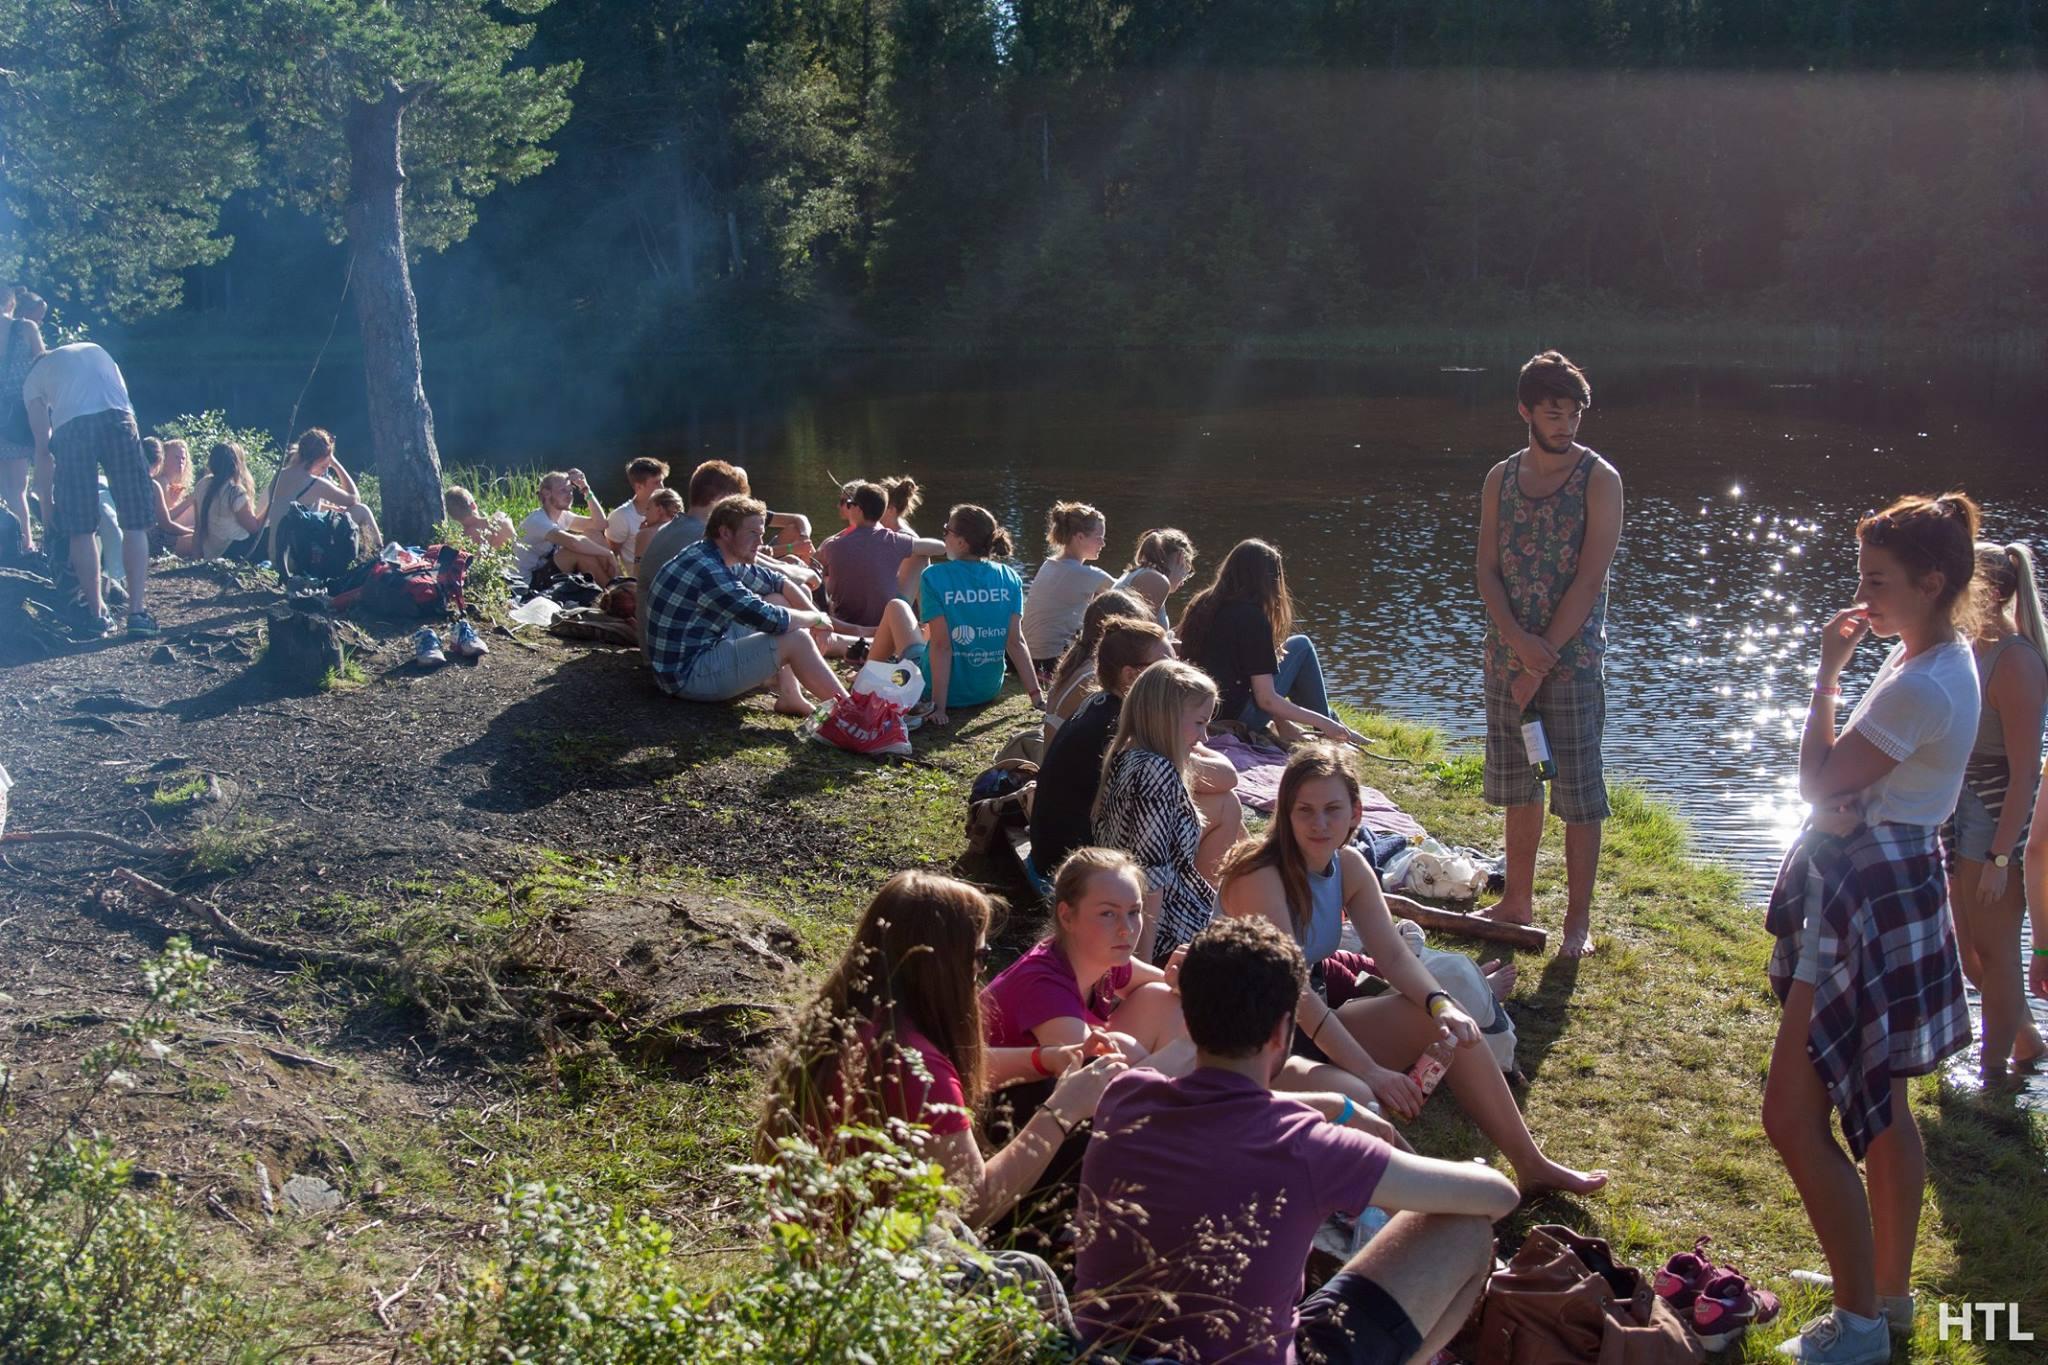 Faddertur med trollkom. Foto: Håvard takle lindholm